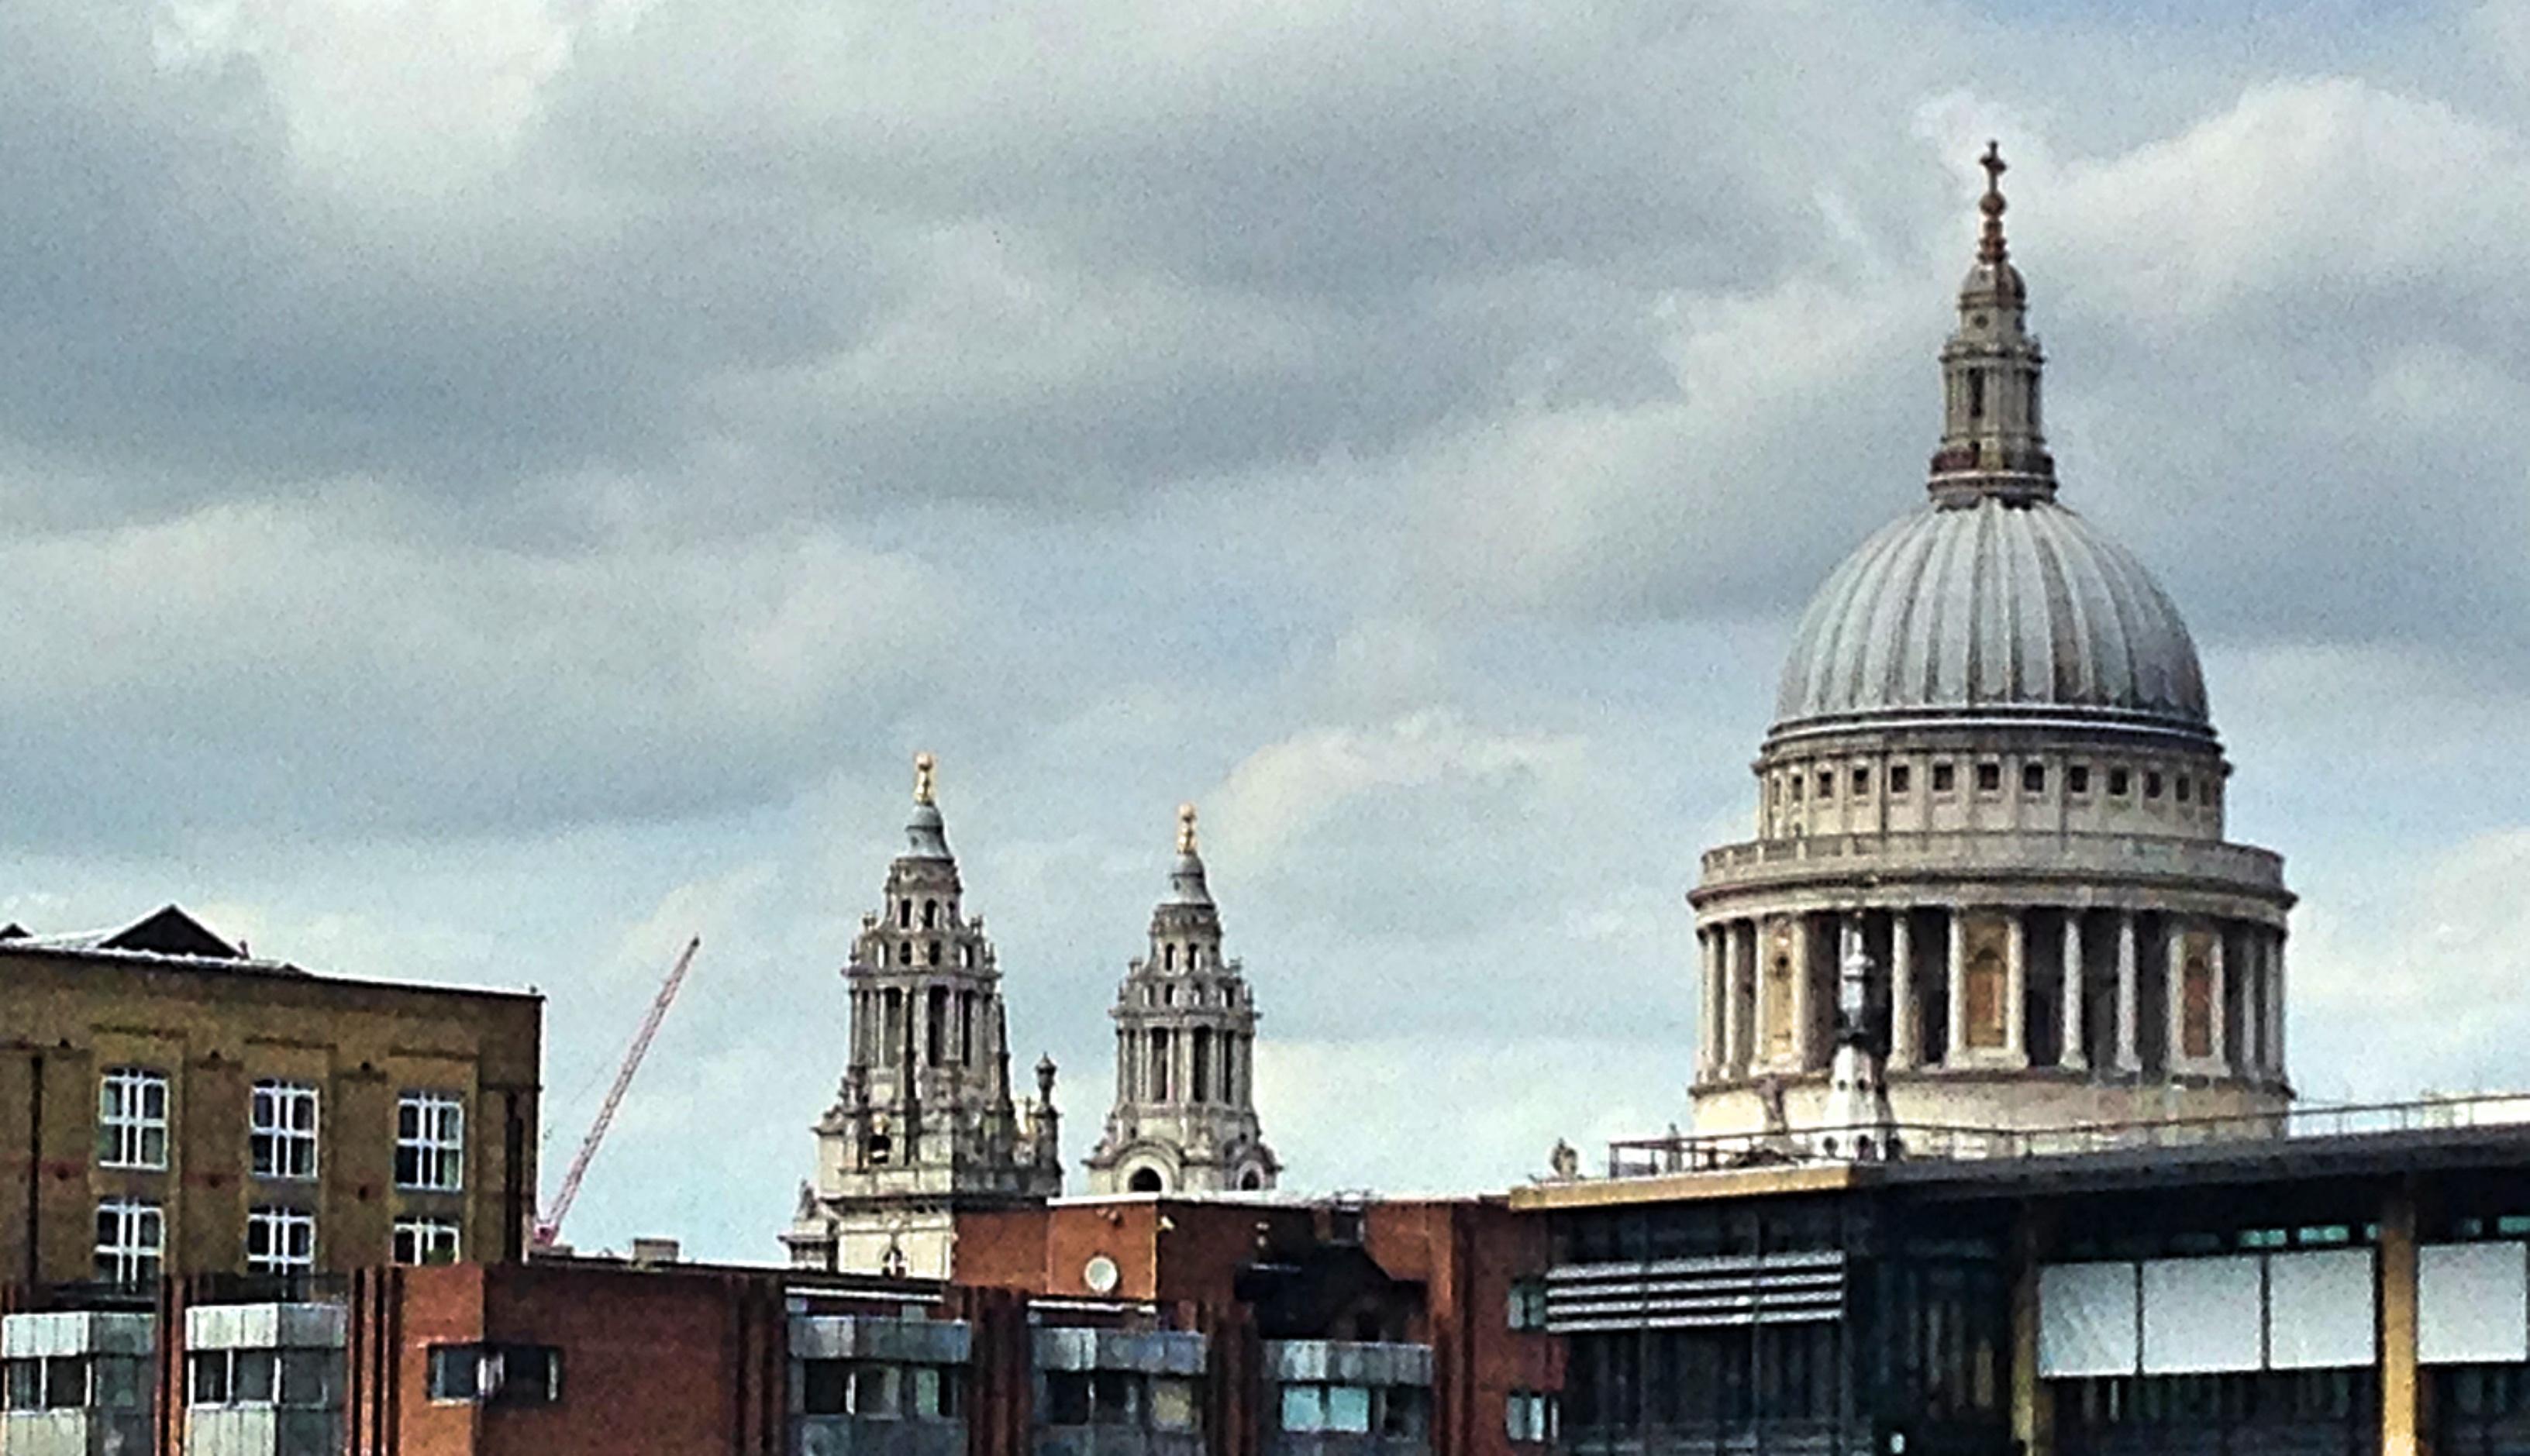 St. Paul's Buildings